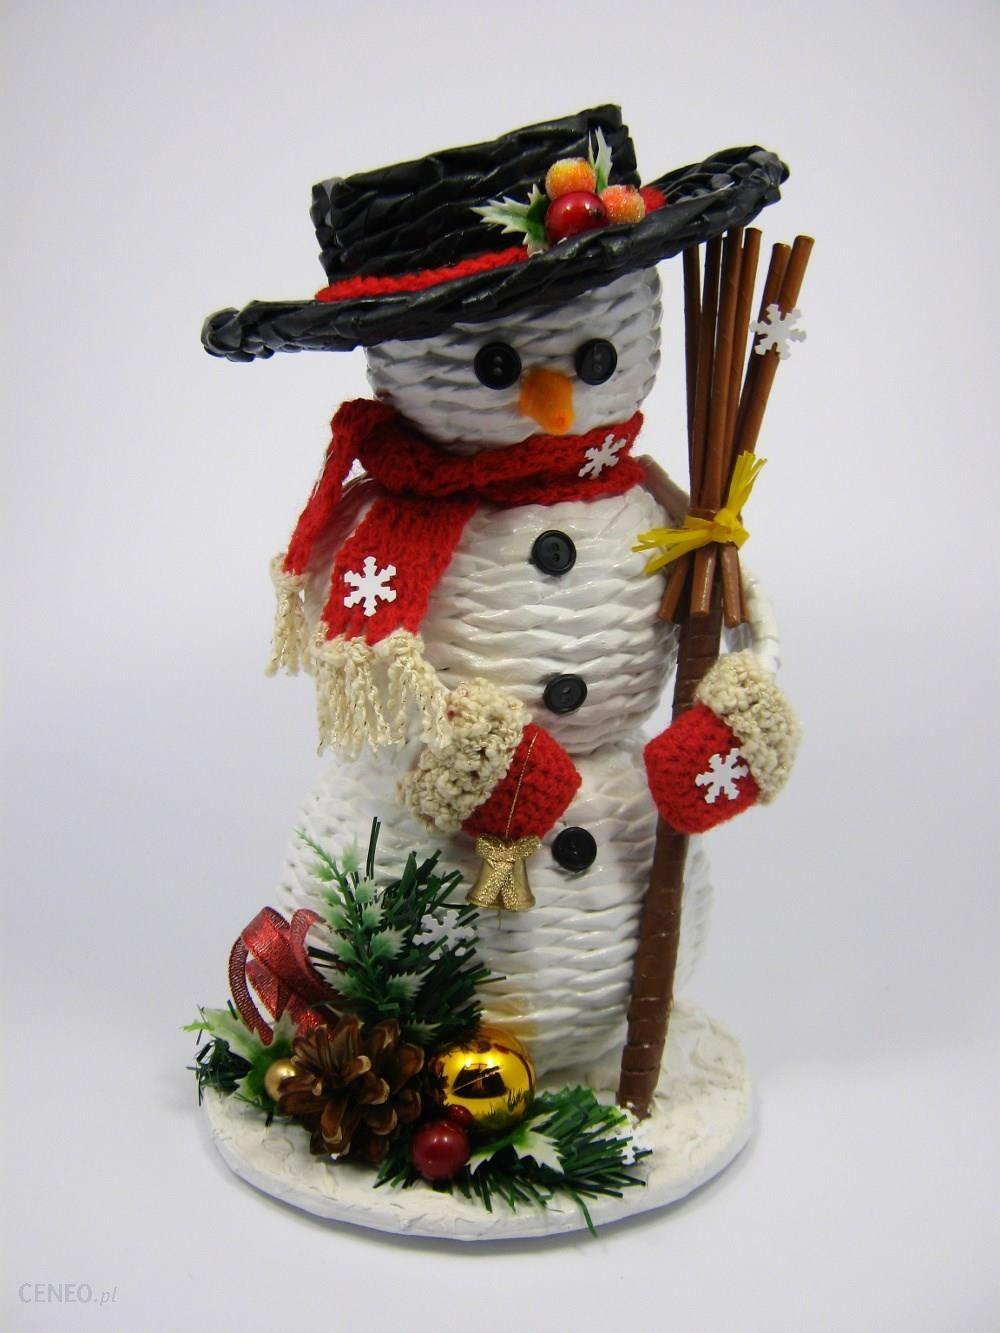 3c67042ecbab3e Bożonarodzeniowy bałwanek z wikliny papierowej - zdjęcie 1 ...